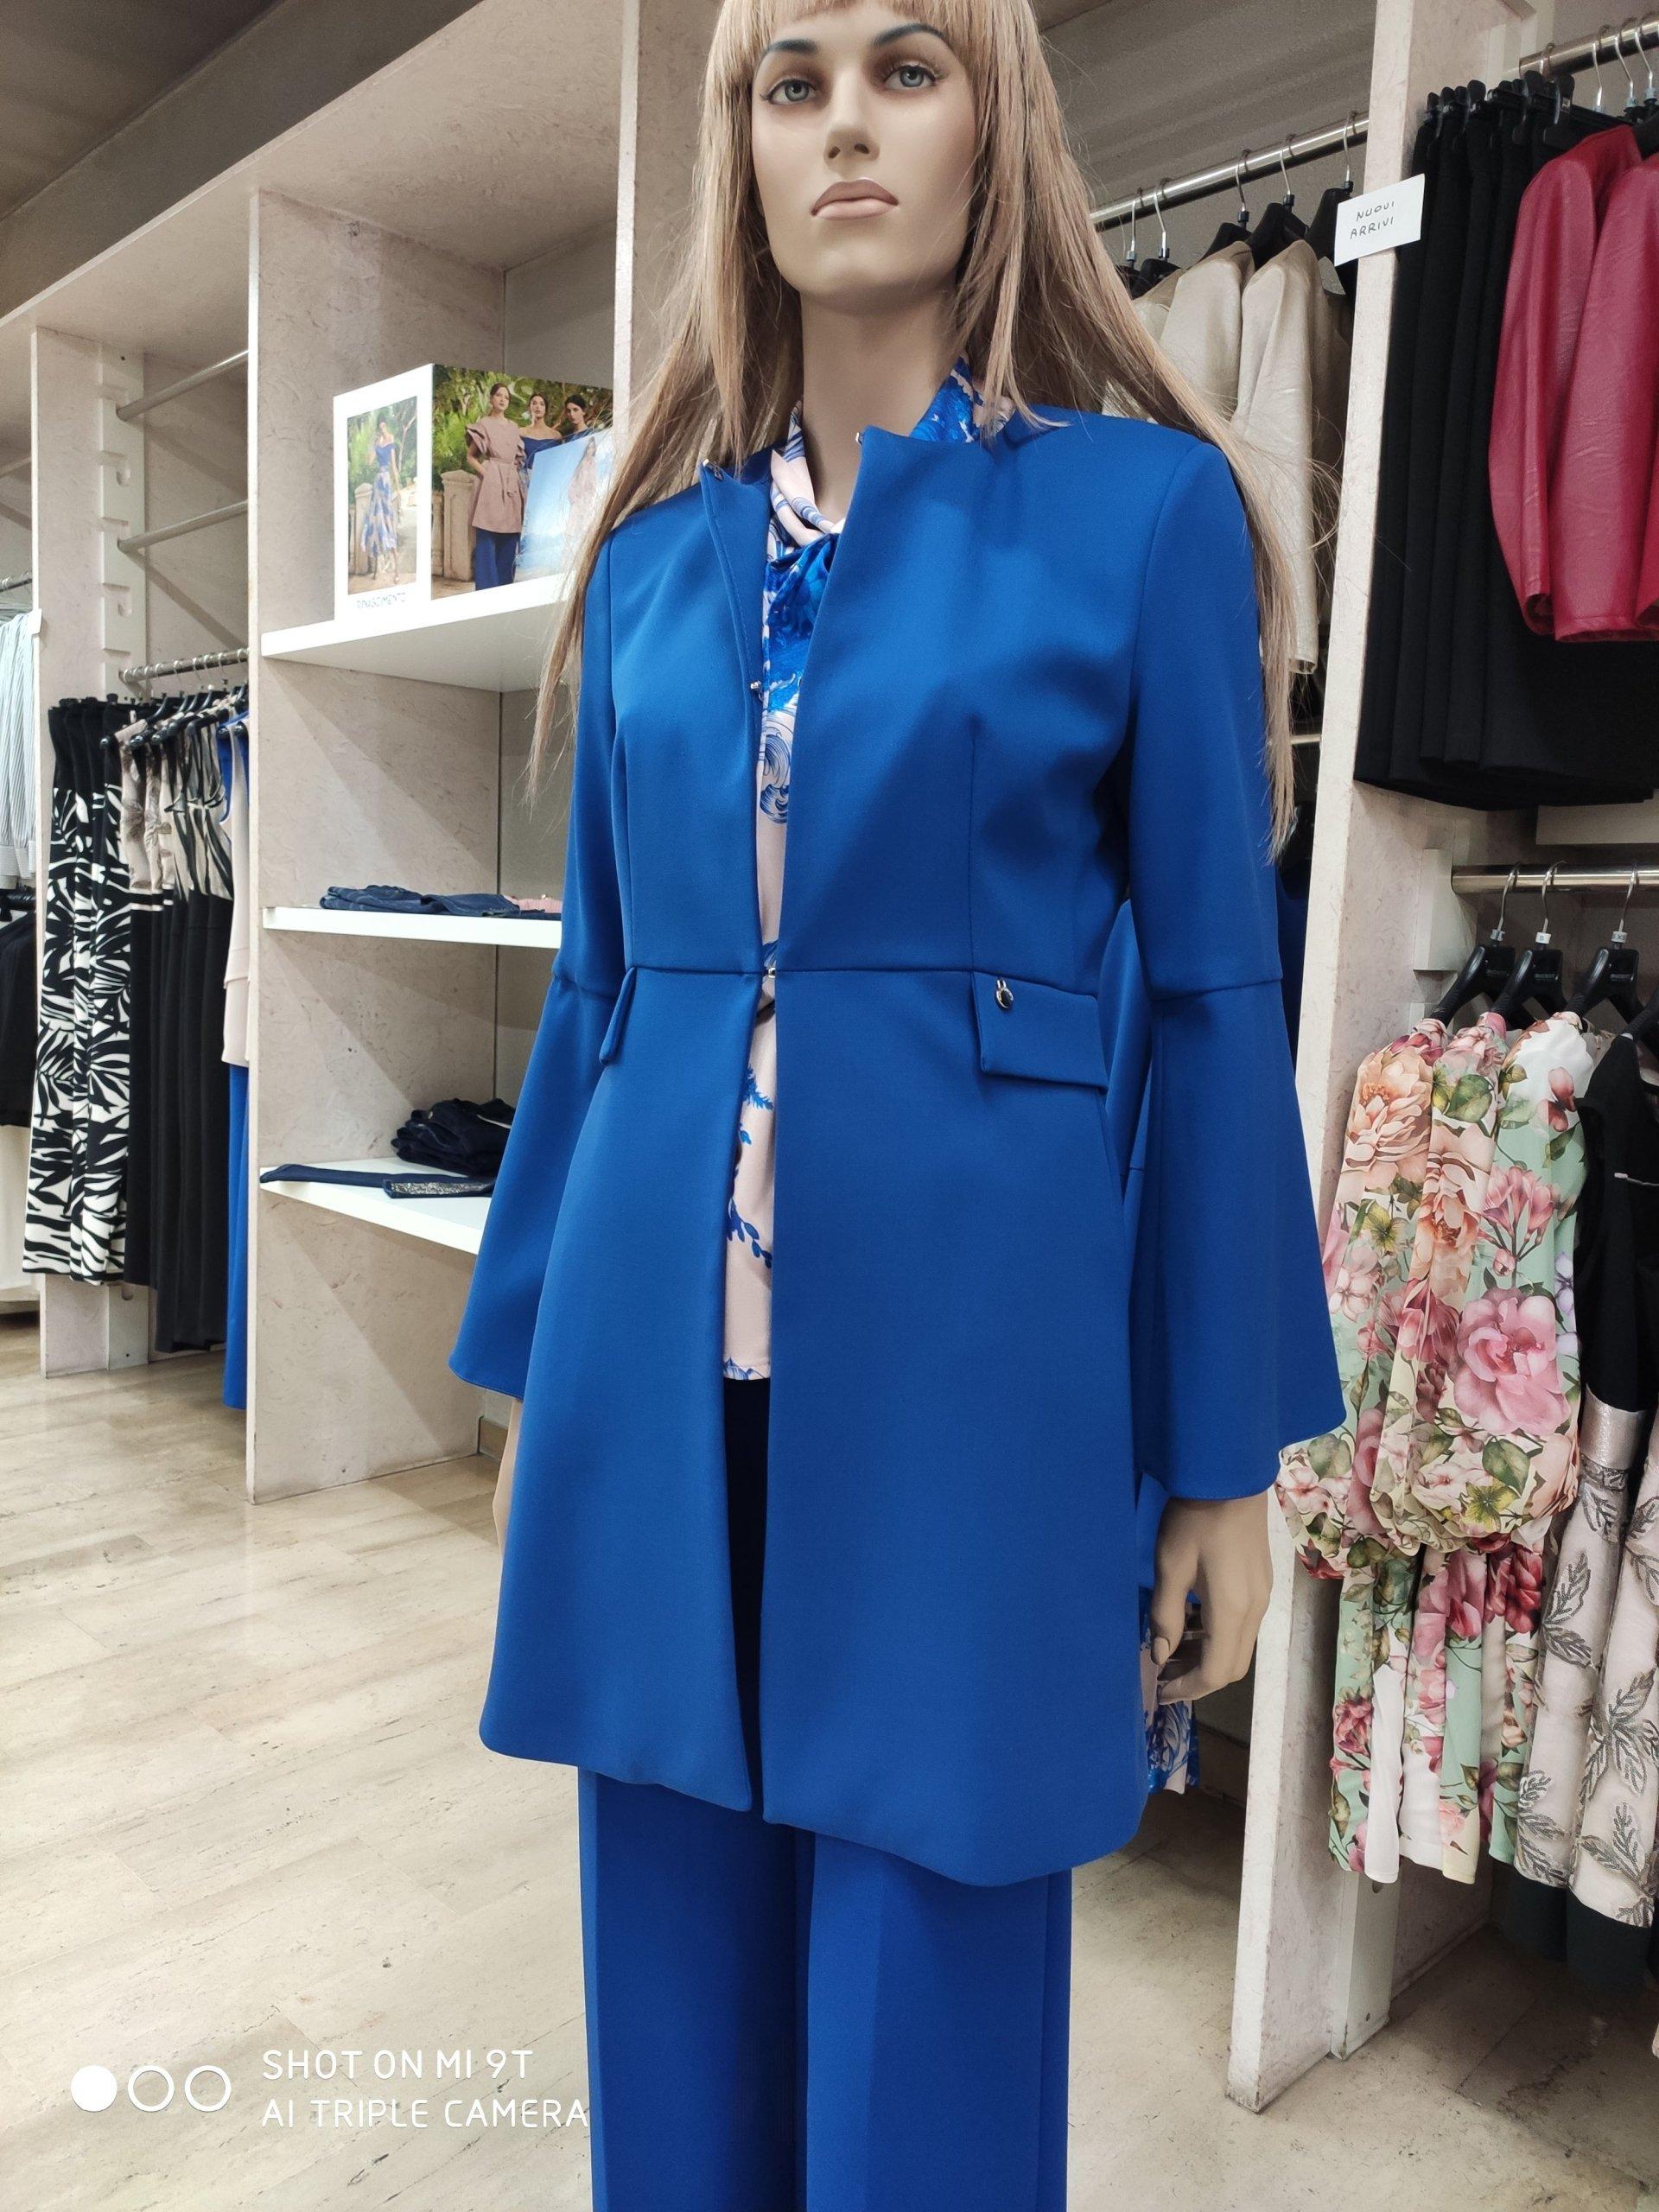 Cappotto RINASCIMENTO PE 2020 LA MATTA Abbigliamento | Shop